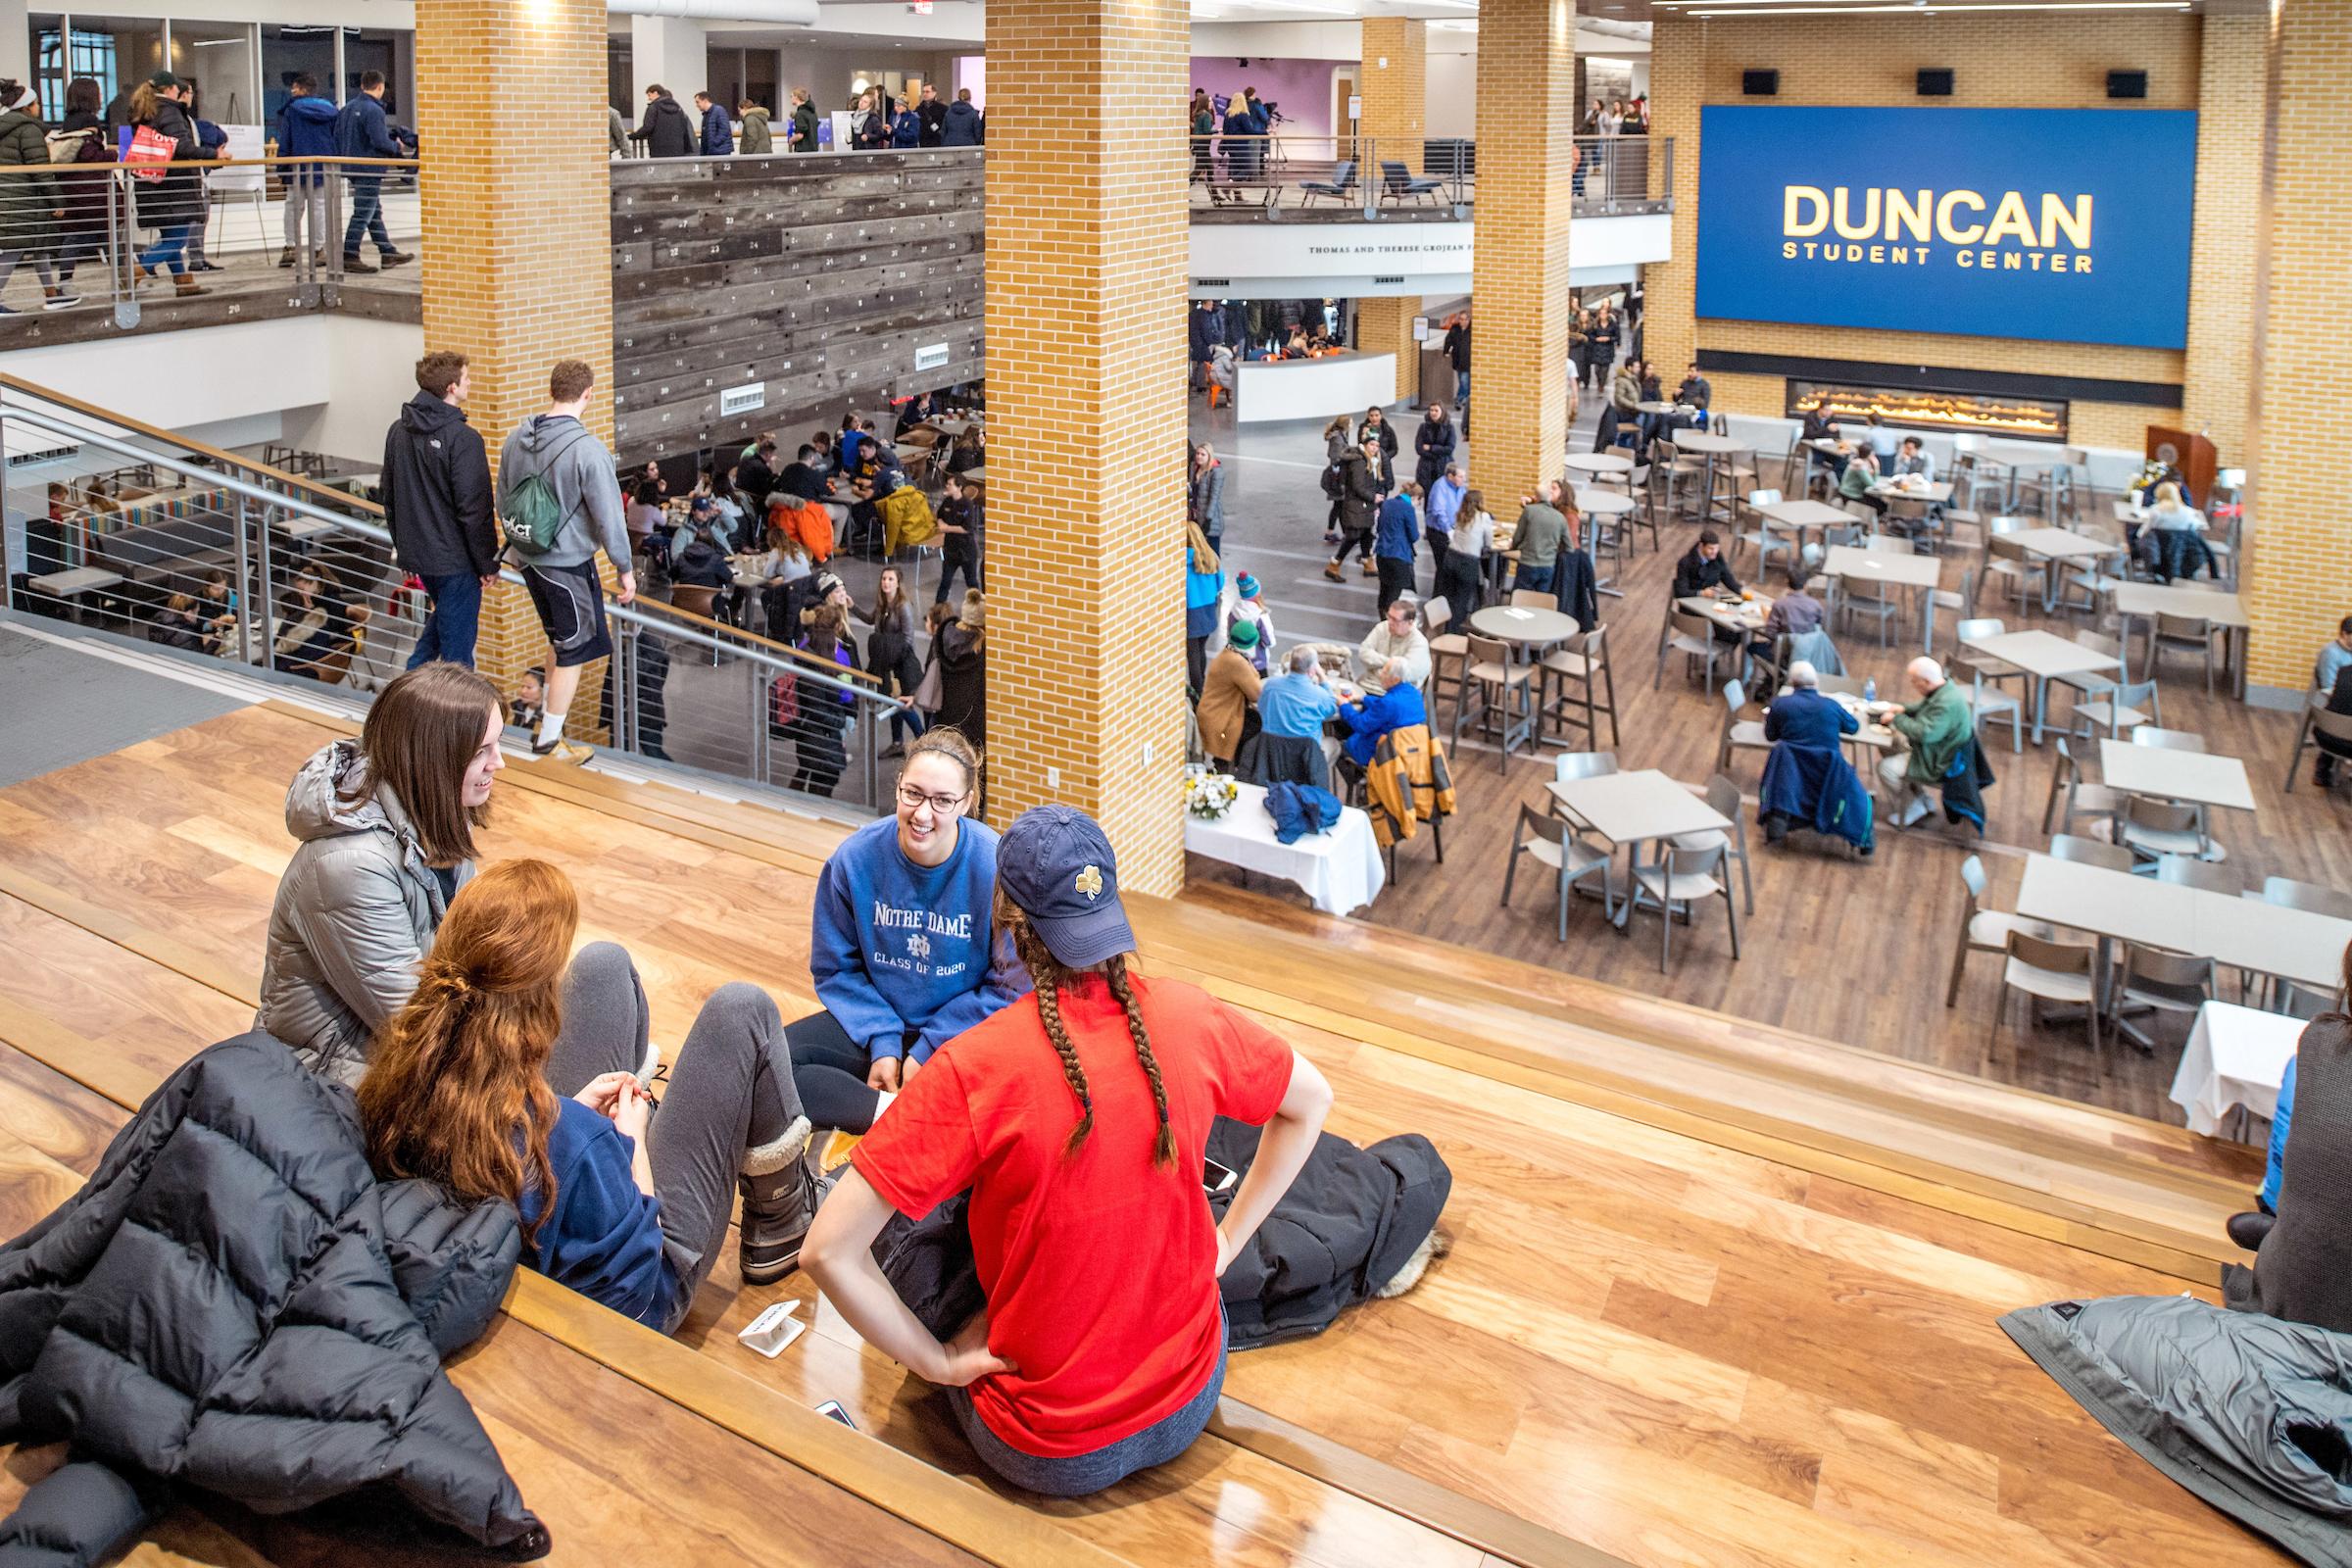 MC 1.15.18 Duncan Student Center Opening 35.JPG